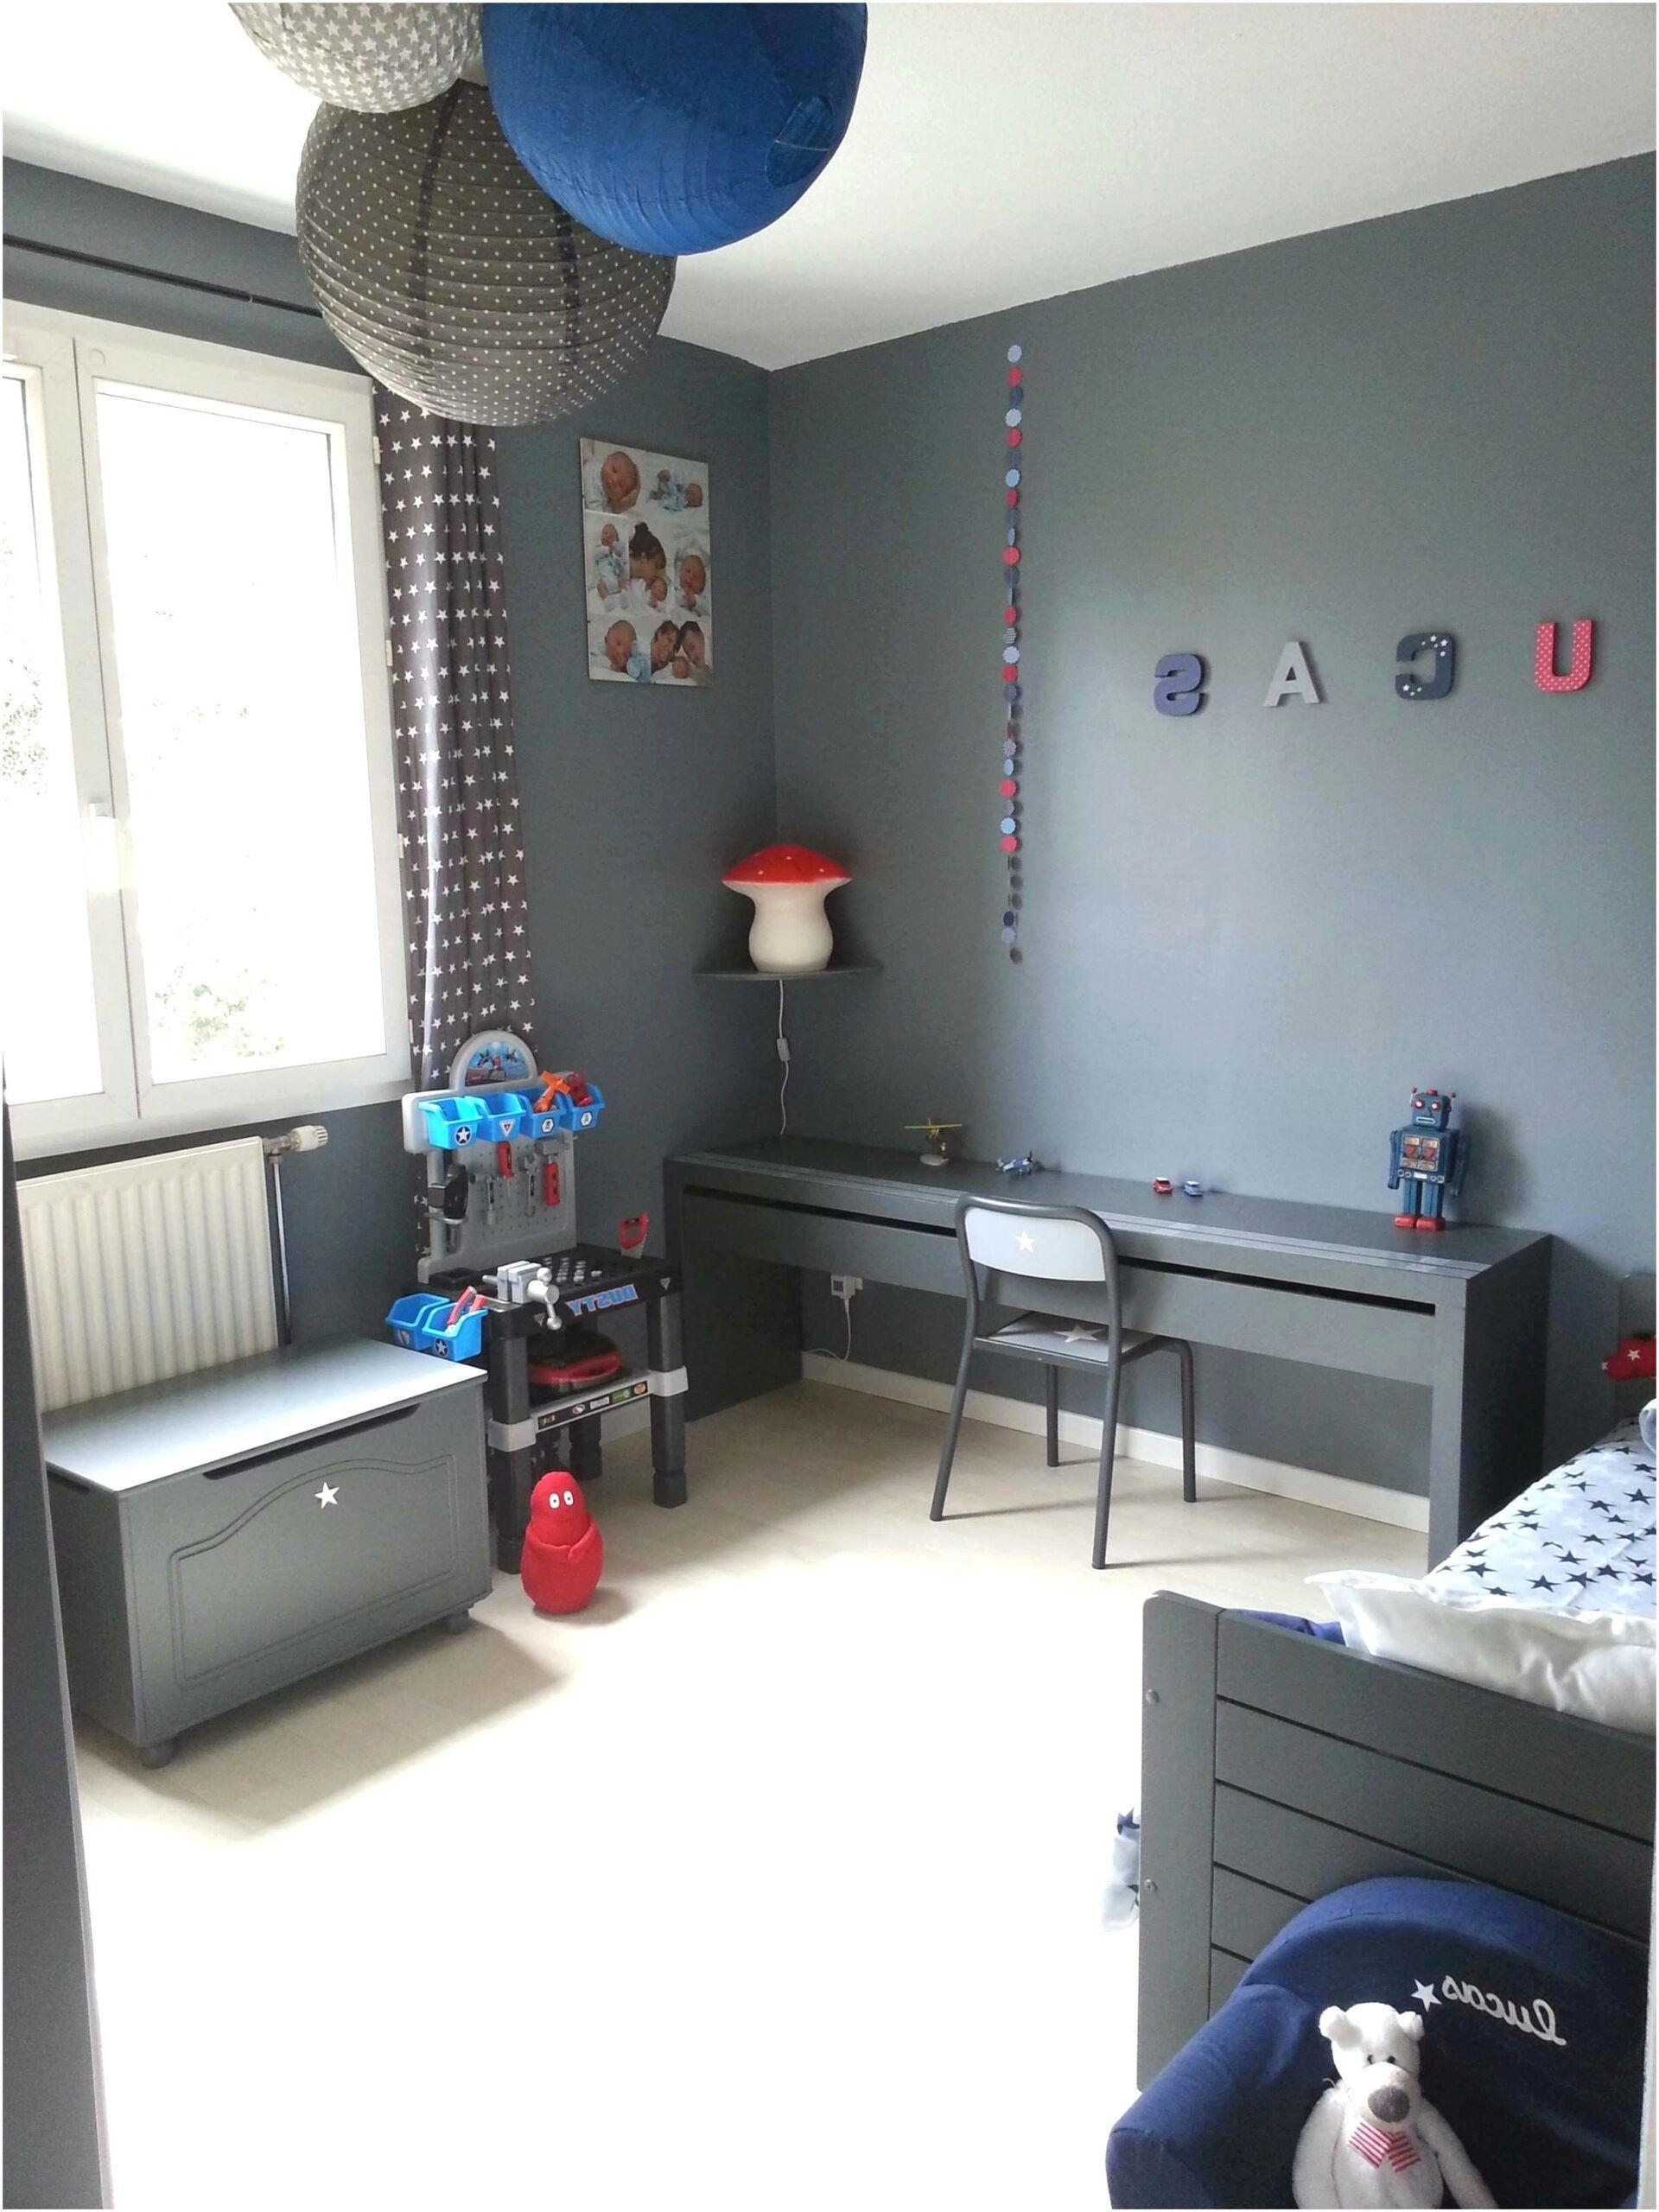 Élégant Idee Deco Chambre Garcon 16 Ans en 160160  Deco chambre